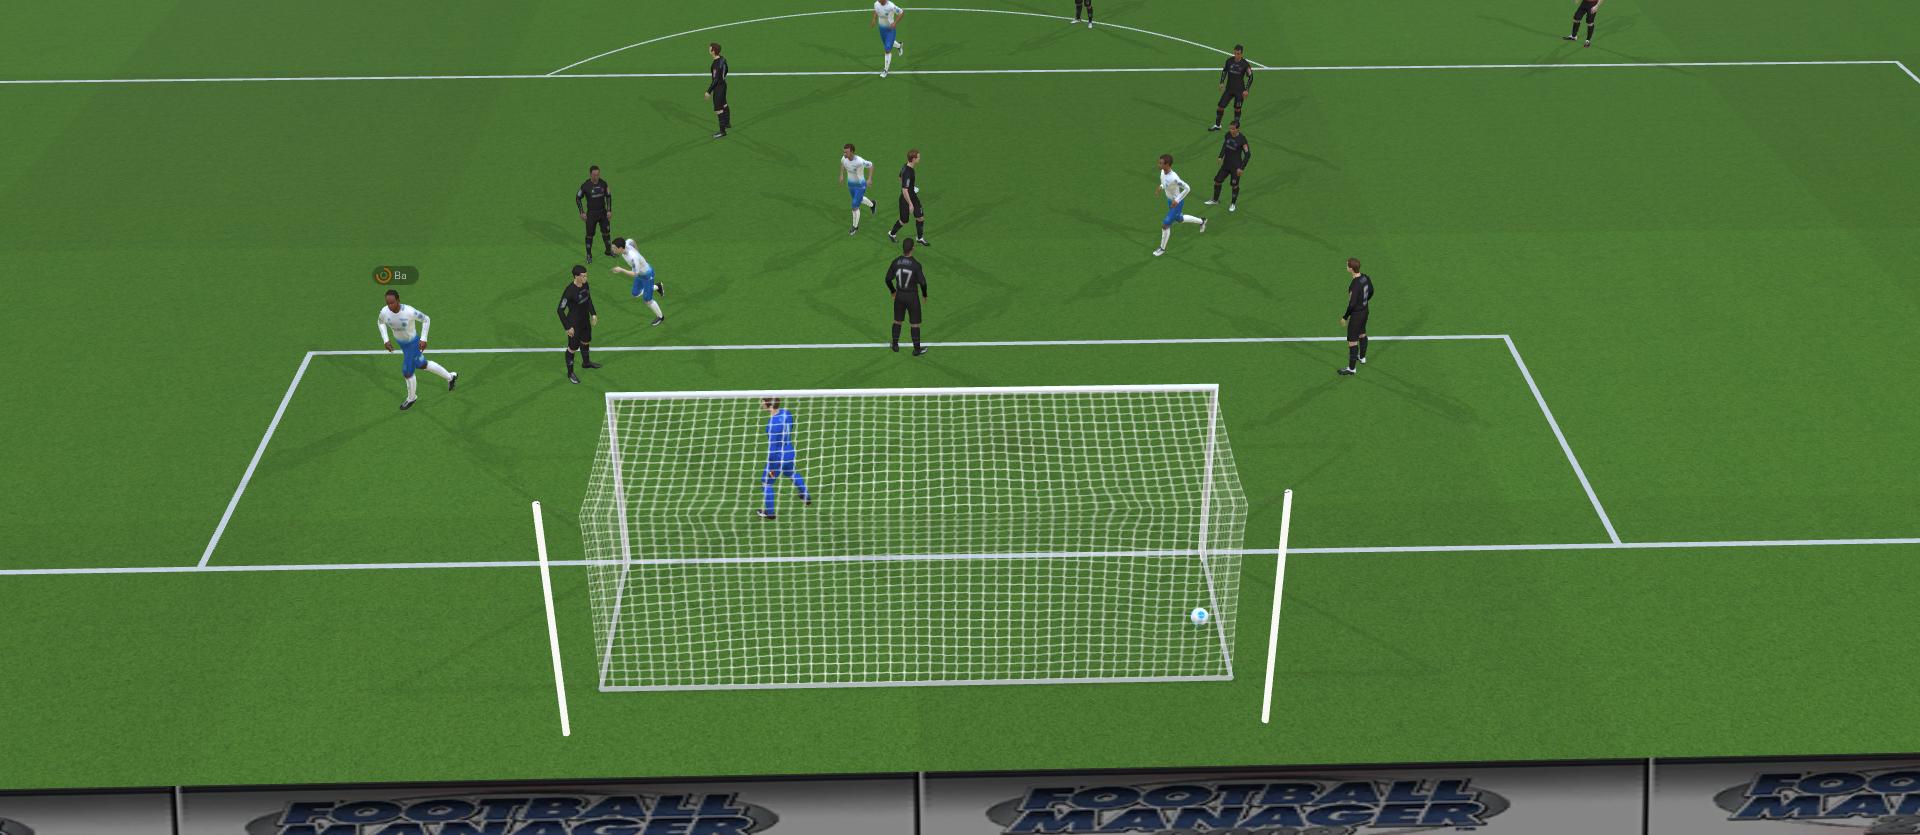 Fim de primeiro turno e liderança garantida com o AJA – Football Manager 2020 – #2